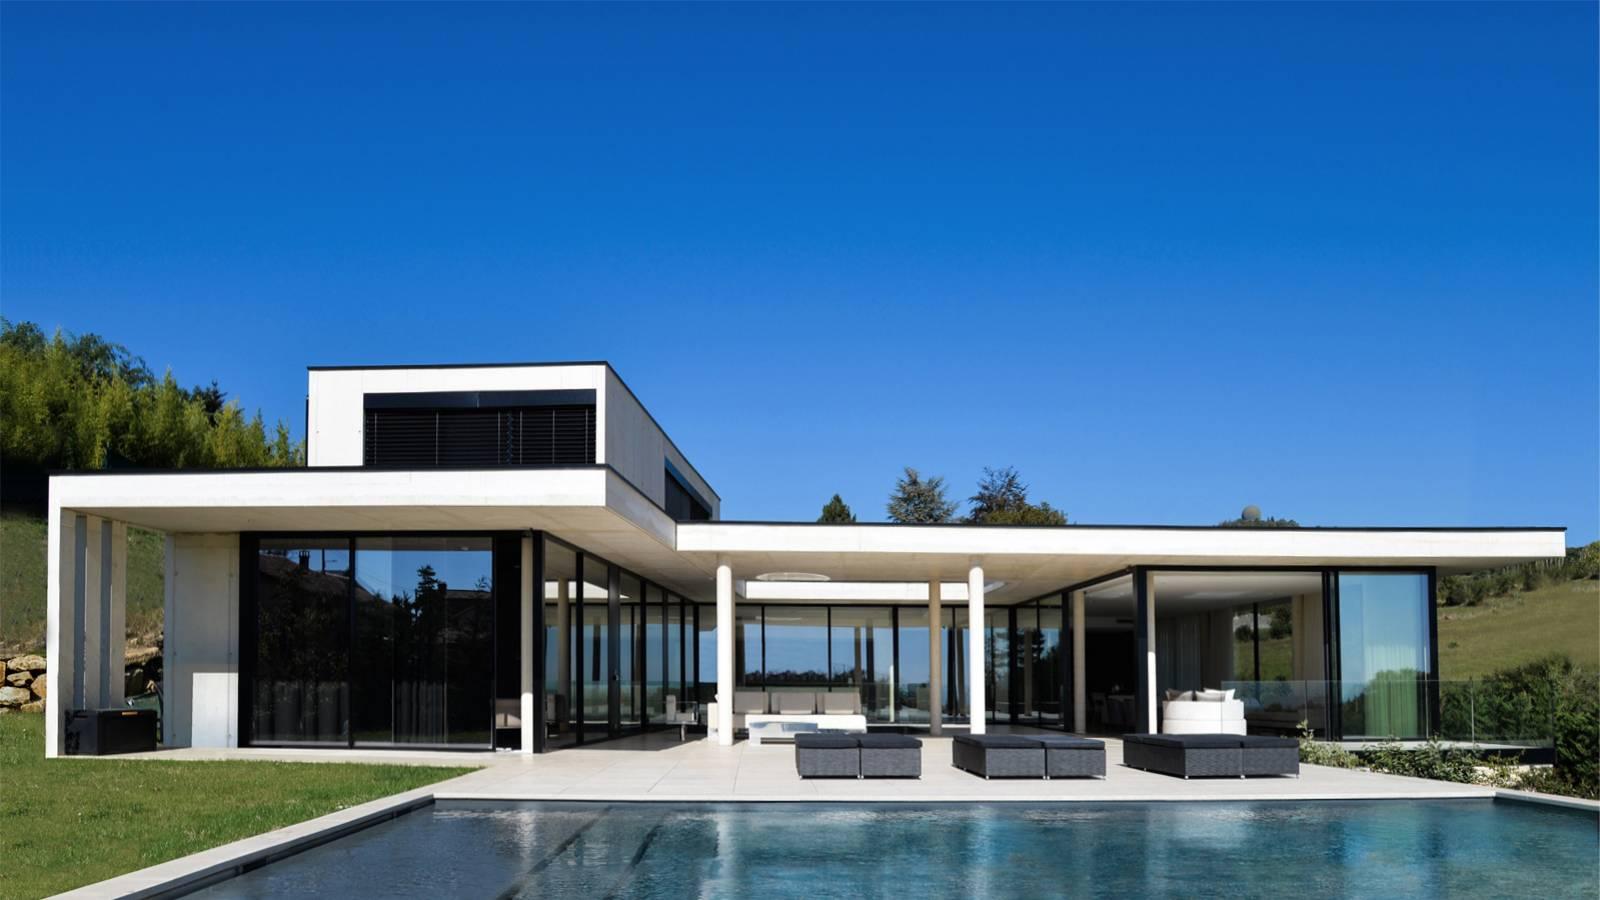 Architecte Reconnu Pour Maison Contemporaine Et Villa Moderne De Luxe A Annecy Cabinet D Architecture D Interieur En Auvergne Rhone Alpes Cabinet Vielliard Francheteau Architectures